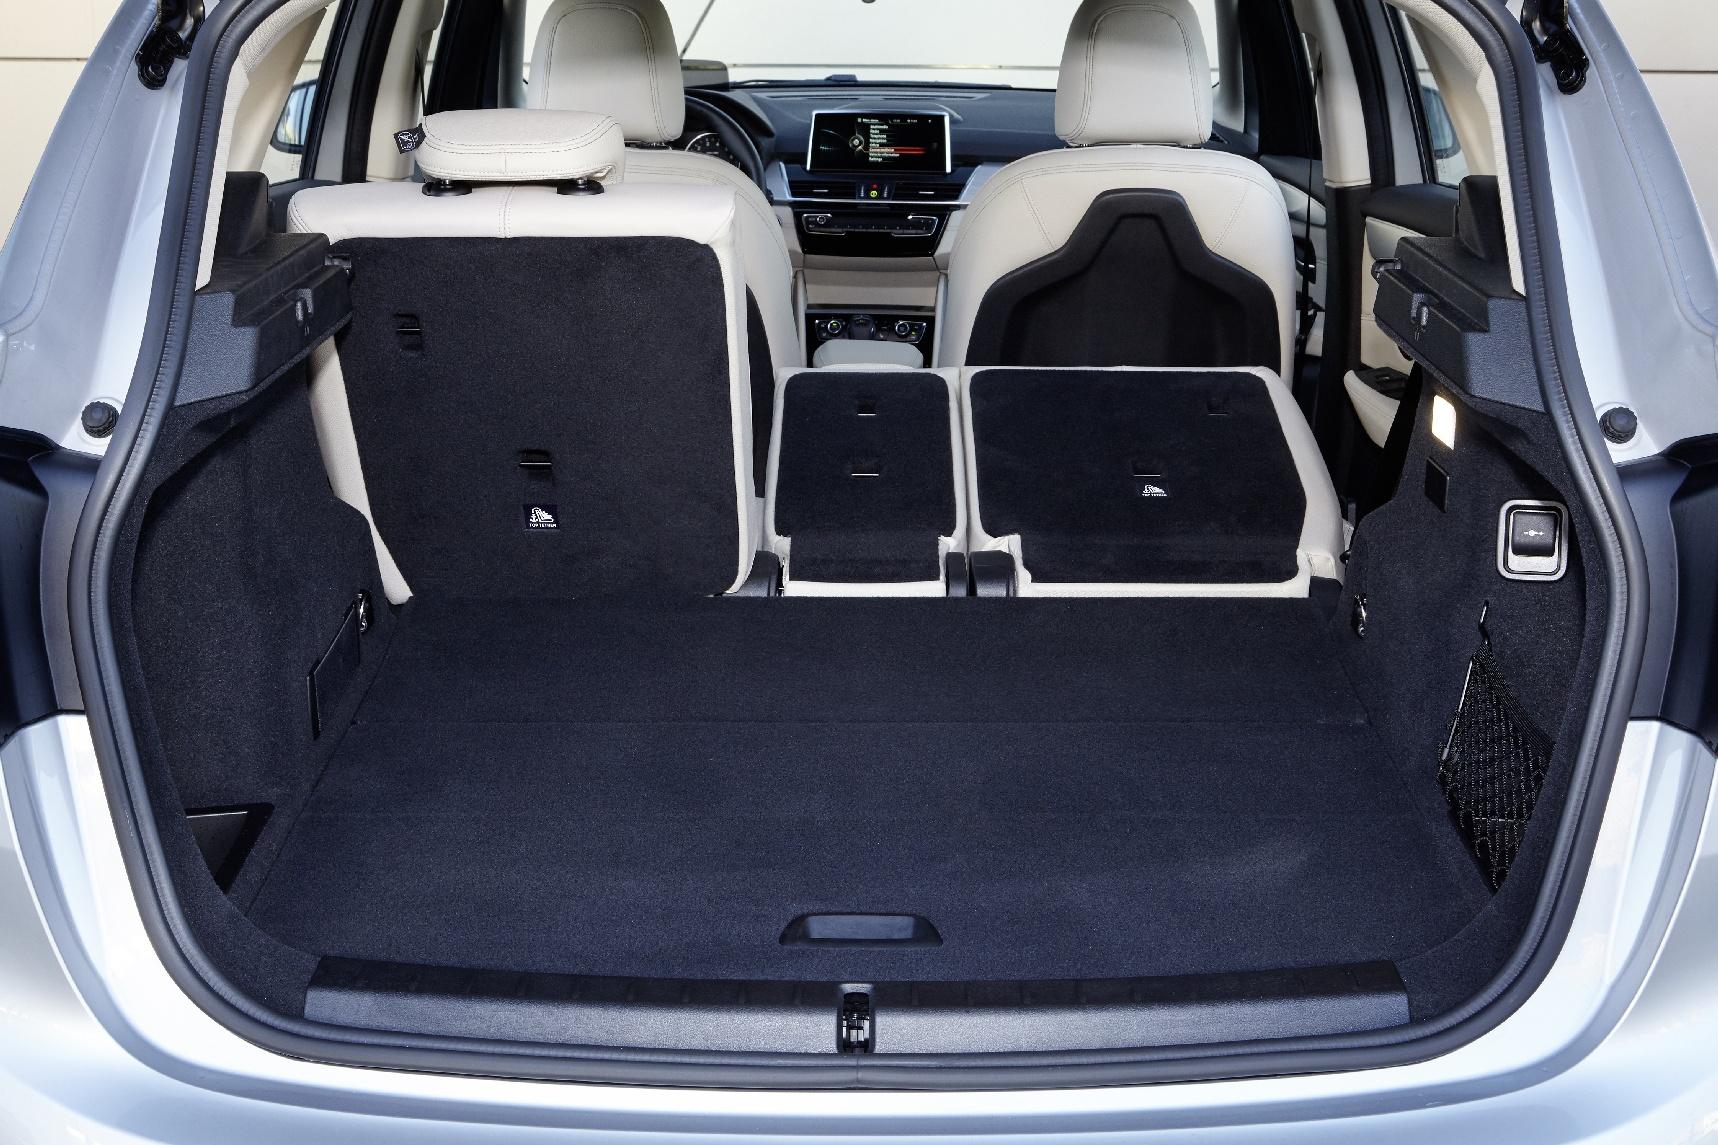 Het koffervolume varieert van 400 tot 1.350 liter.